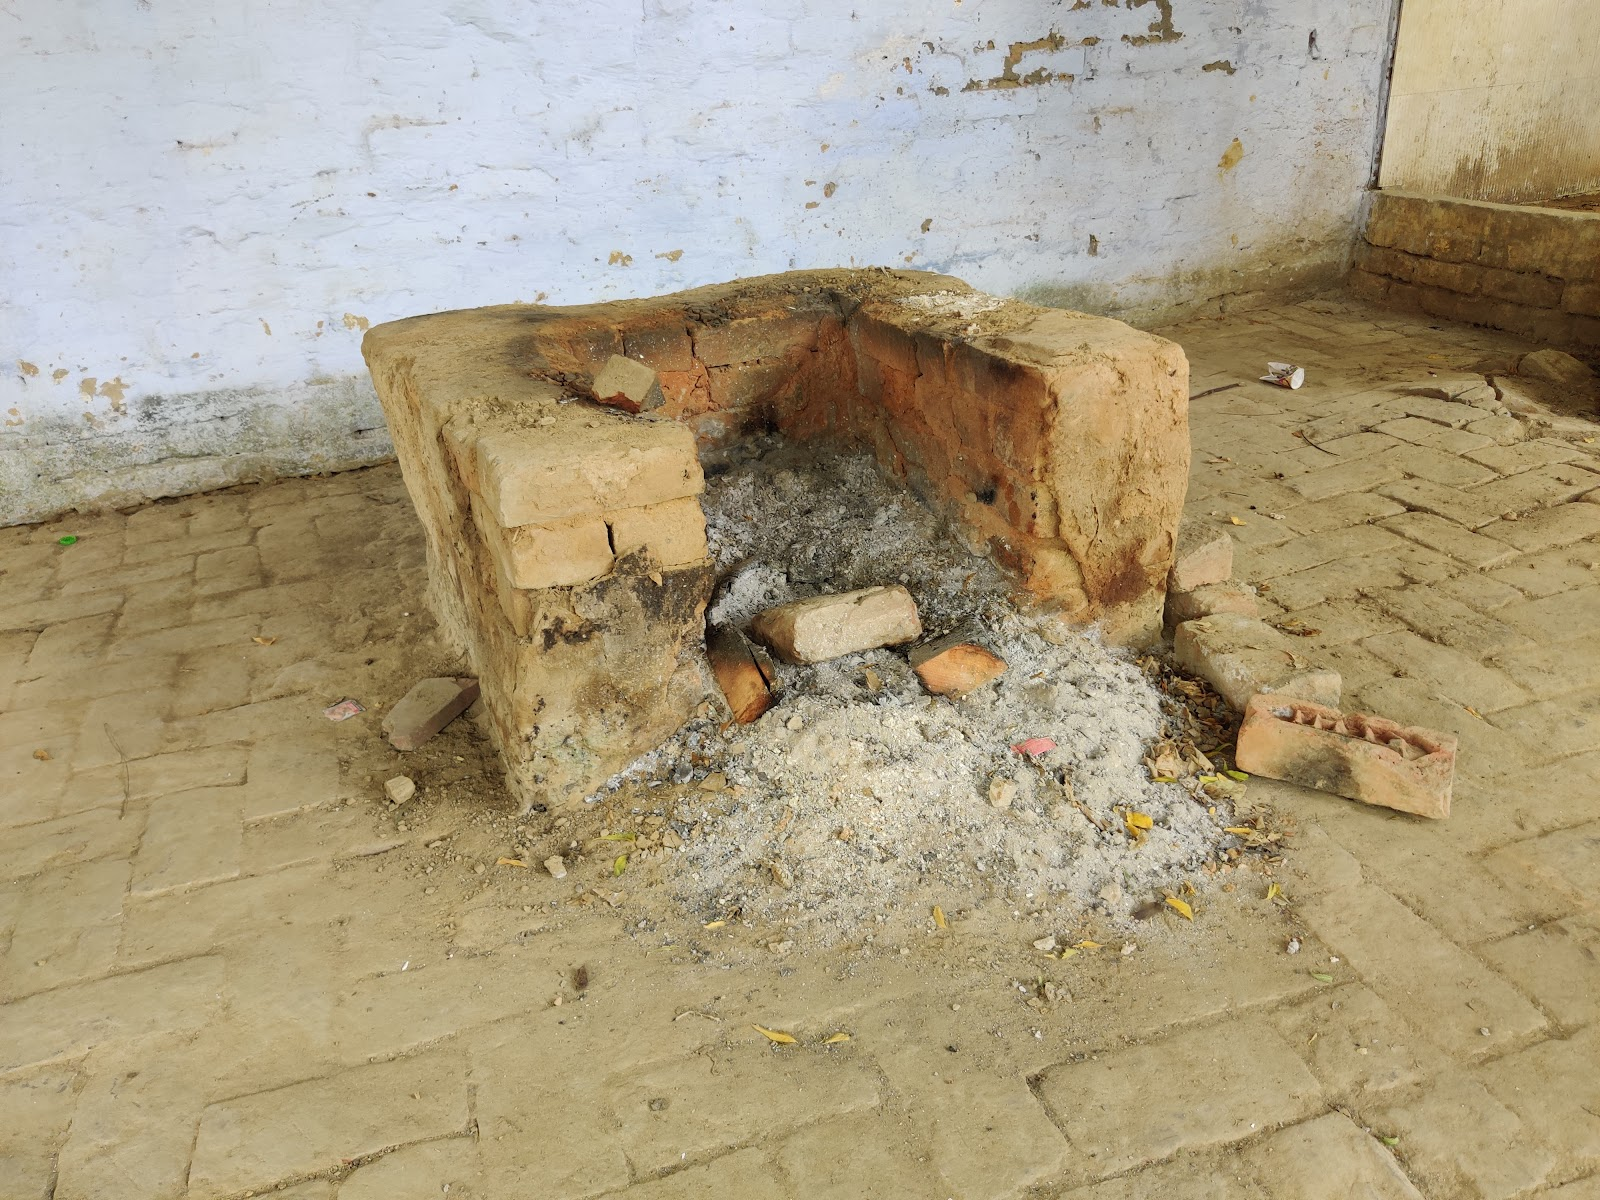 भंडारा स्थल जहाँ मालपुआ और सब्जी का प्रसाद बनता है